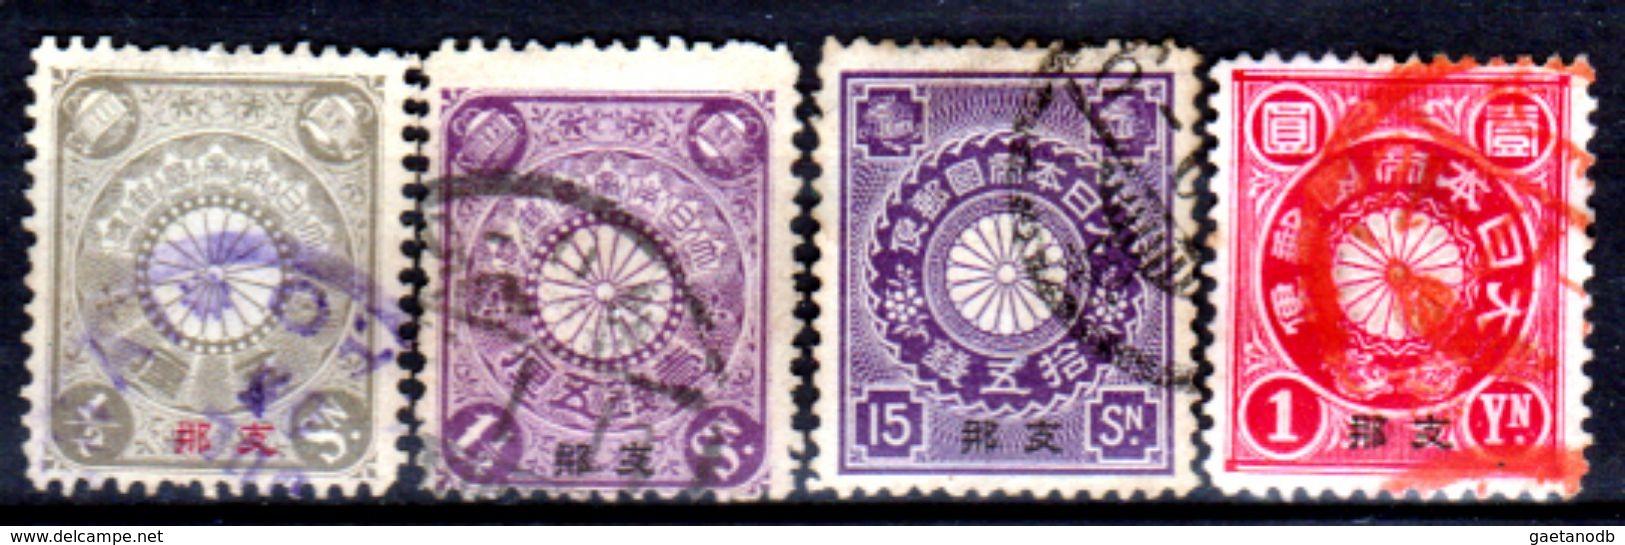 Cina-A-0250- 1900: Sovrastampati Per L'ufficio Postale Diplomatico Giapponese - Dentellati 12,5 - - Altri